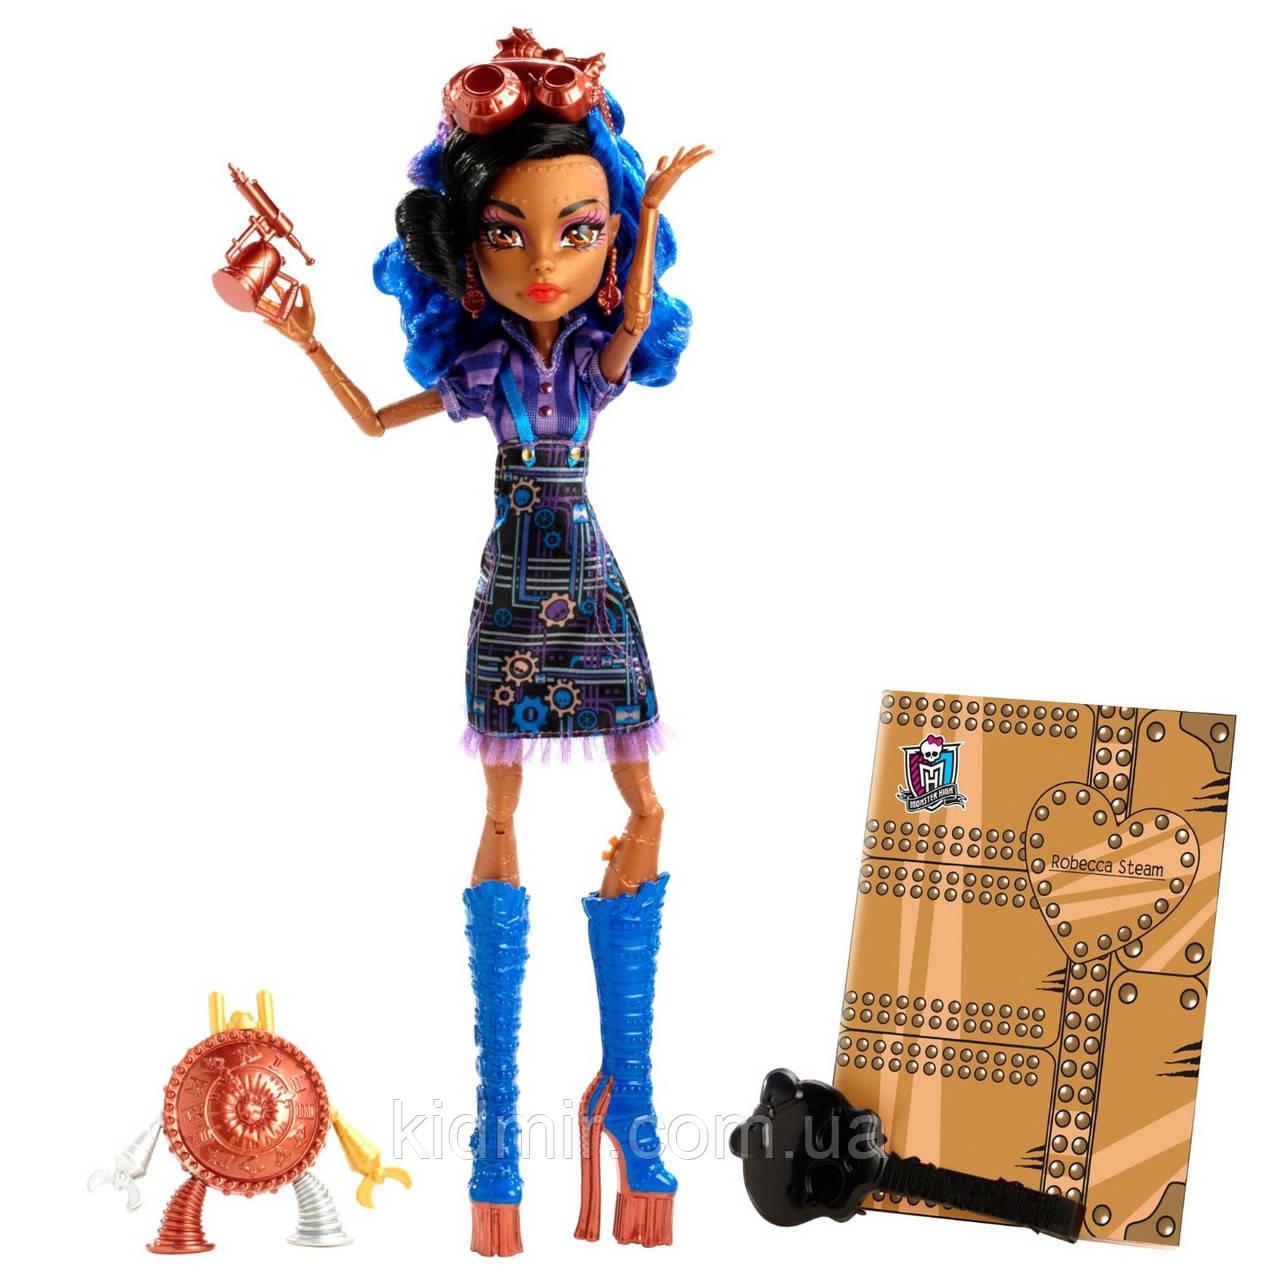 Кукла Monster High Робекка Стим (Robecca Steam) из серии Art Class Монстр Хай